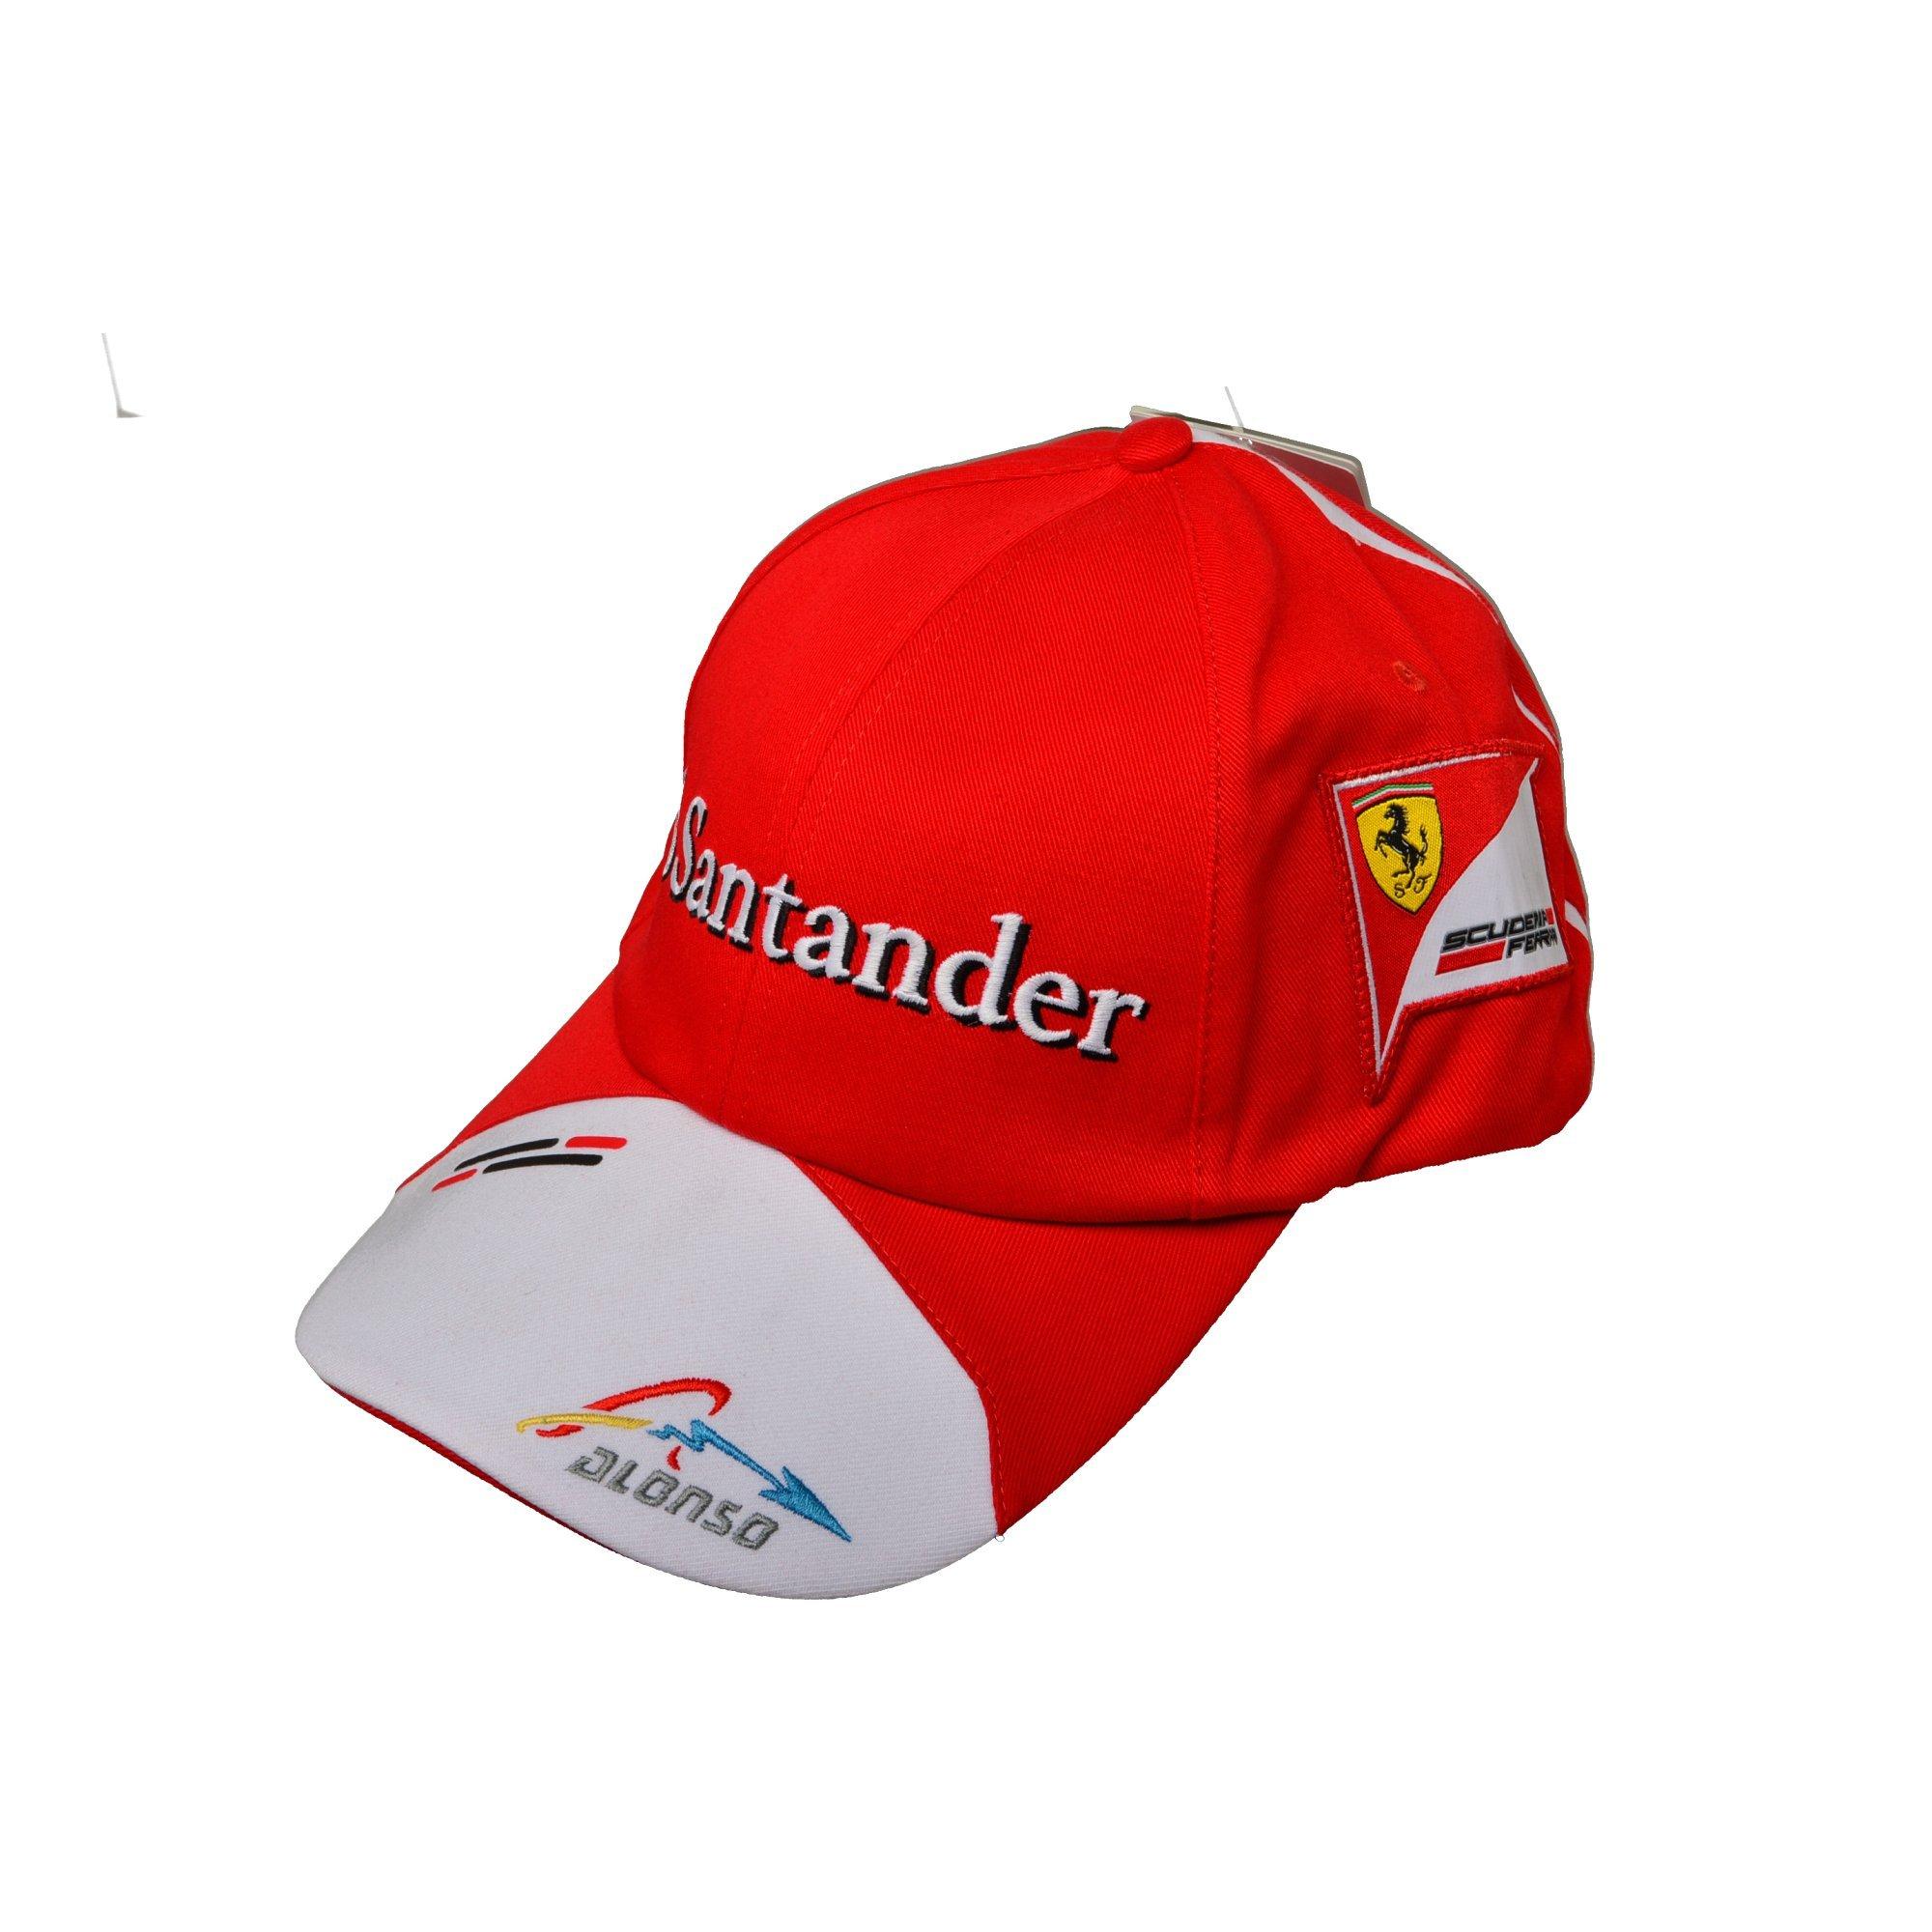 ccc0e9accf8 Rosso Corsa Scuderia Ferrari F1 Alonso Santander Puma 2013 Cap Apparel